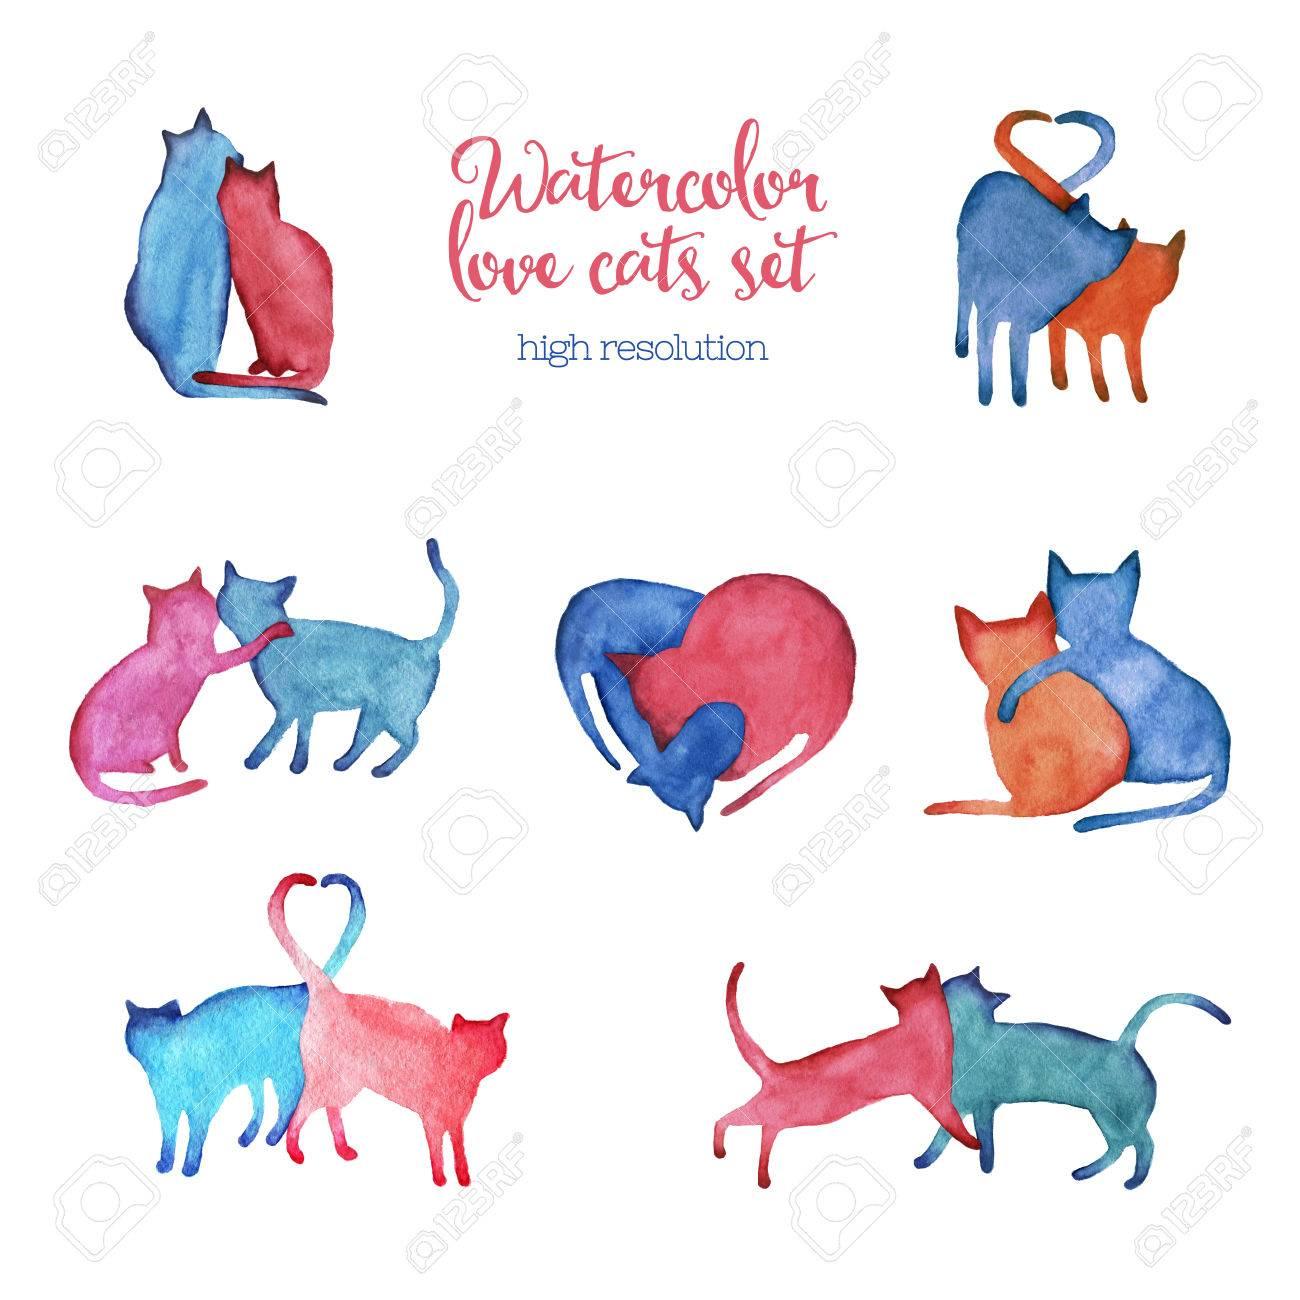 高解像度で水彩猫カップル イラスト。 ロイヤリティーフリーフォト